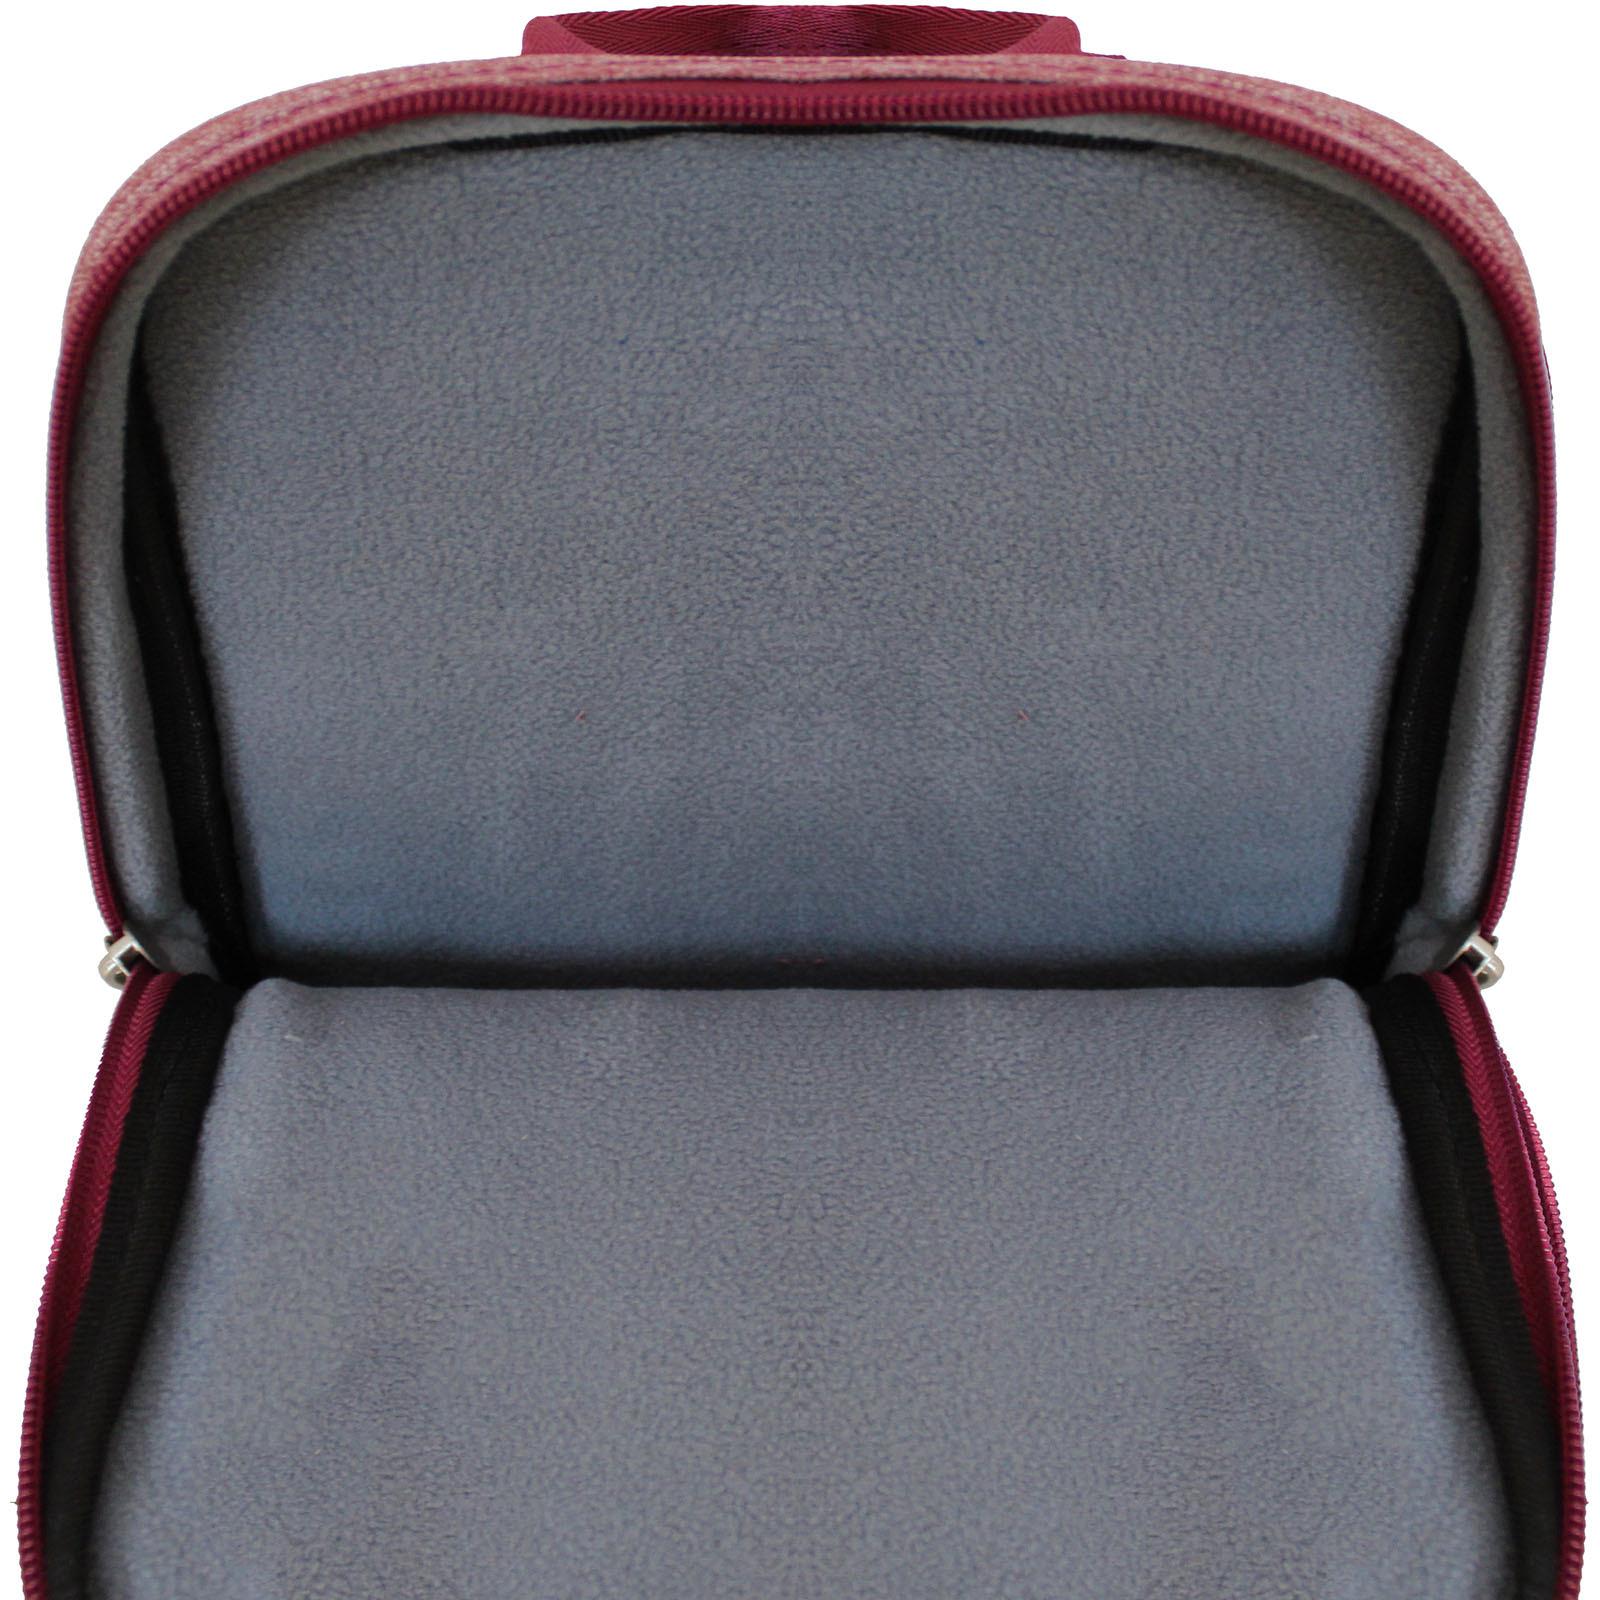 Рюкзак Bagland под планшет 2 л. 179 бордовый (0050969)